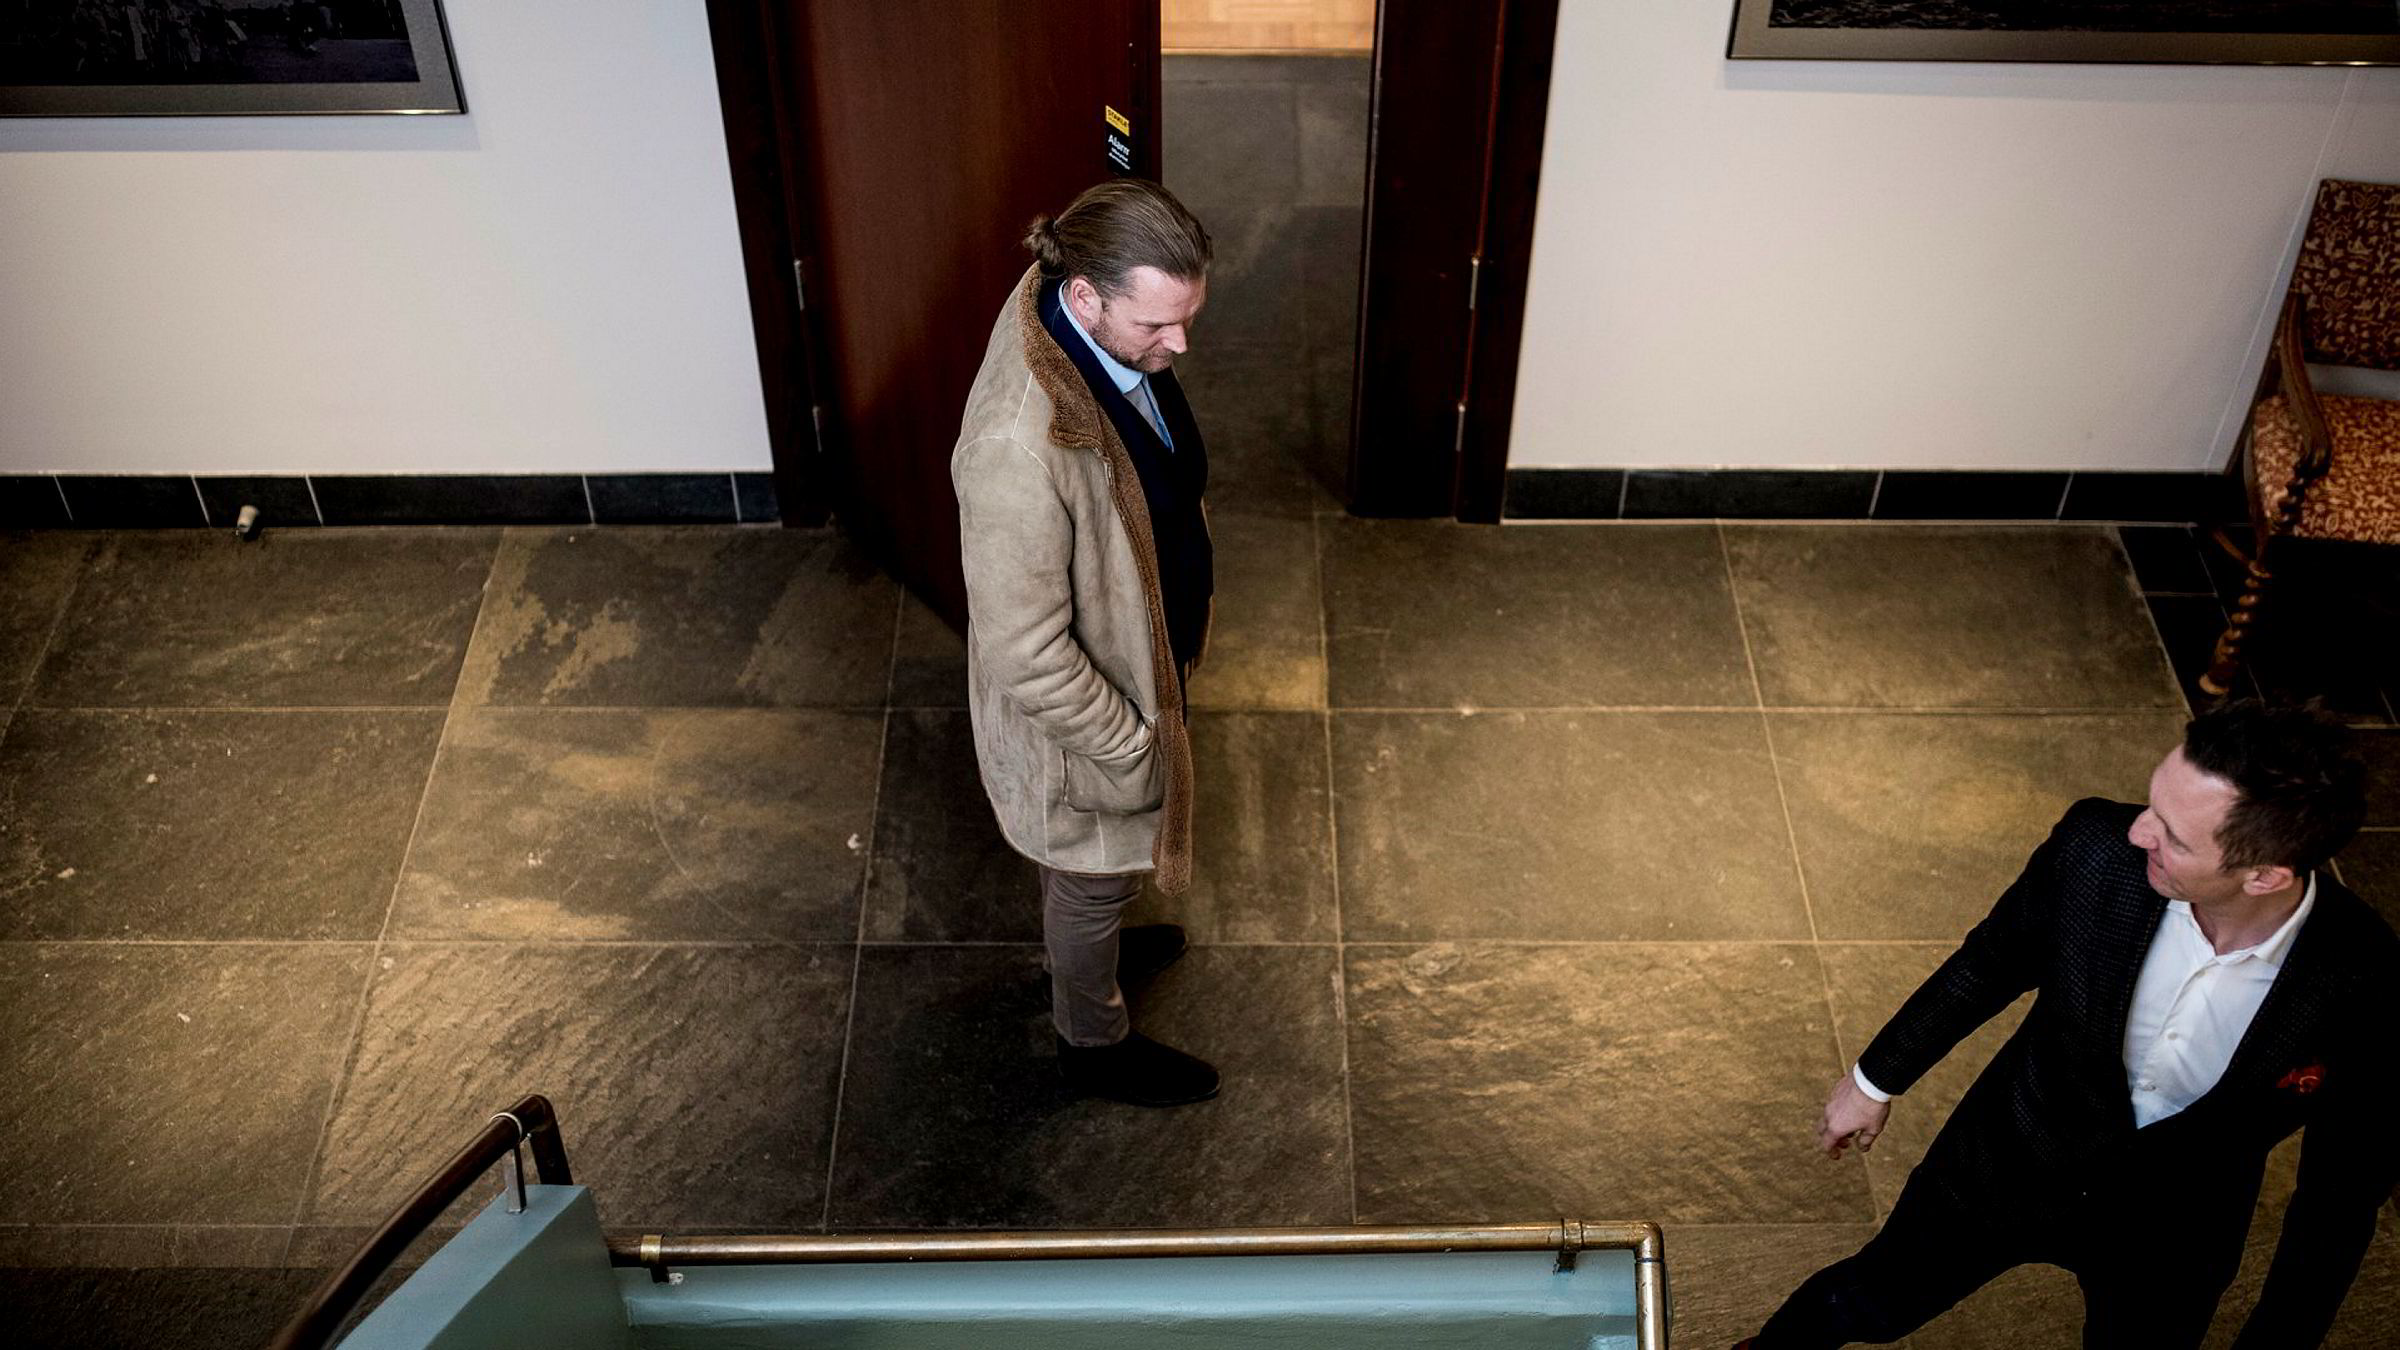 Investor og Smedvig-arving Peter Smedvig Hagland (til venstre) har ikke mye til overs for eiendomsinvestor og Acta-gründer Alfred Ydstebø som saksøker ham og to kompanjonger for 130 millioner kroner. Onsdag møtte Smedvig Hagland i retten med kompanjong Kjetil Andersen (til høyre).